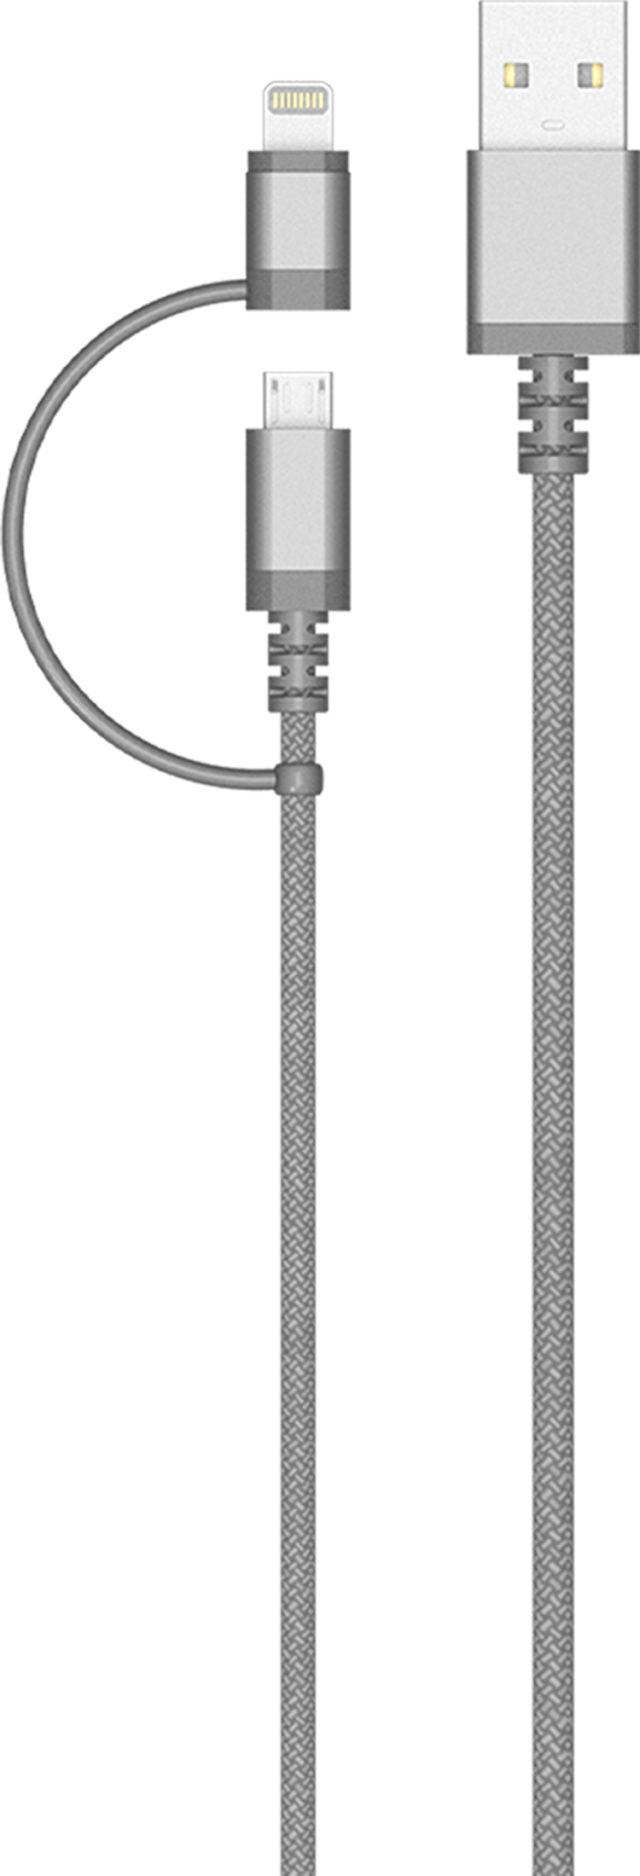 Câble USB/connectiques micro USB/Lightning Colorblock (argenté) - Packshot